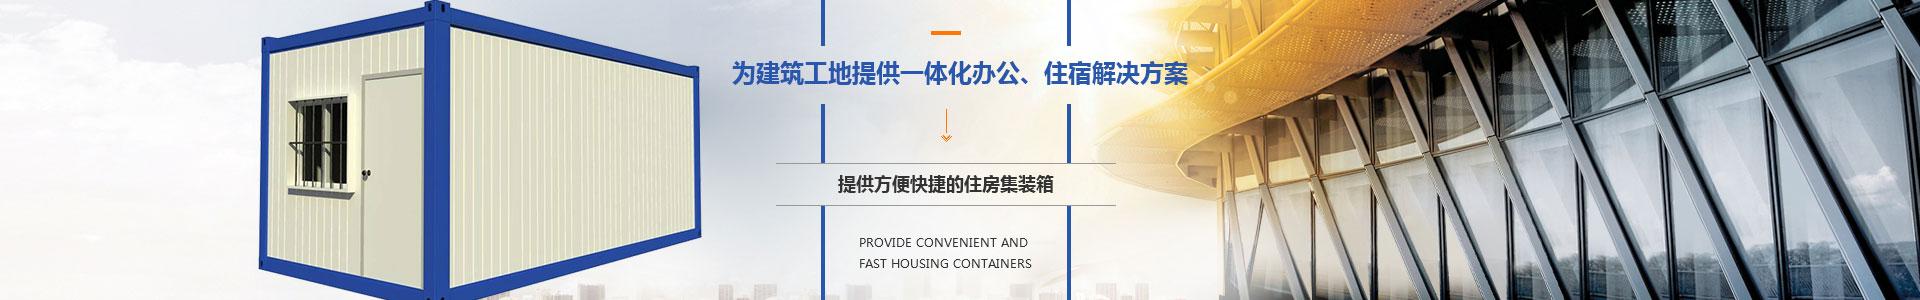 重庆集装箱房